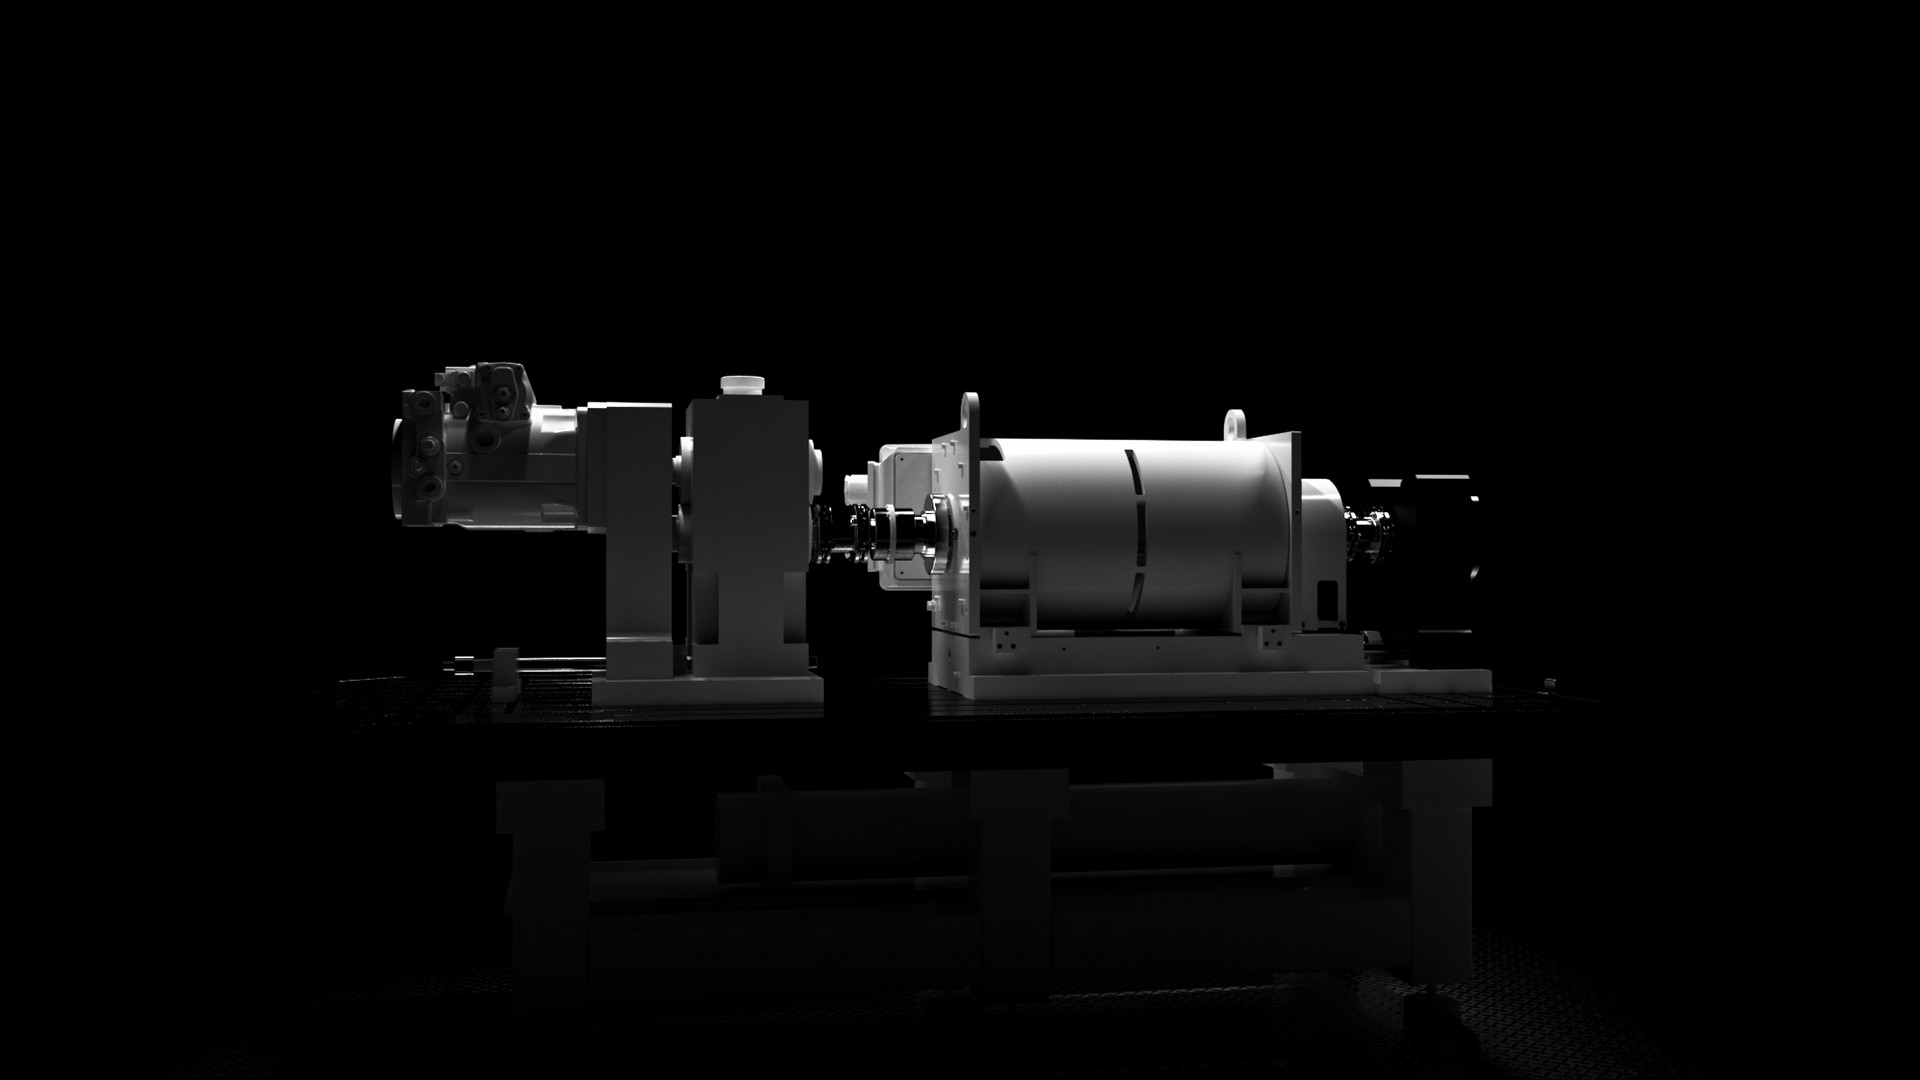 Animationsvideo für Hydrauliker